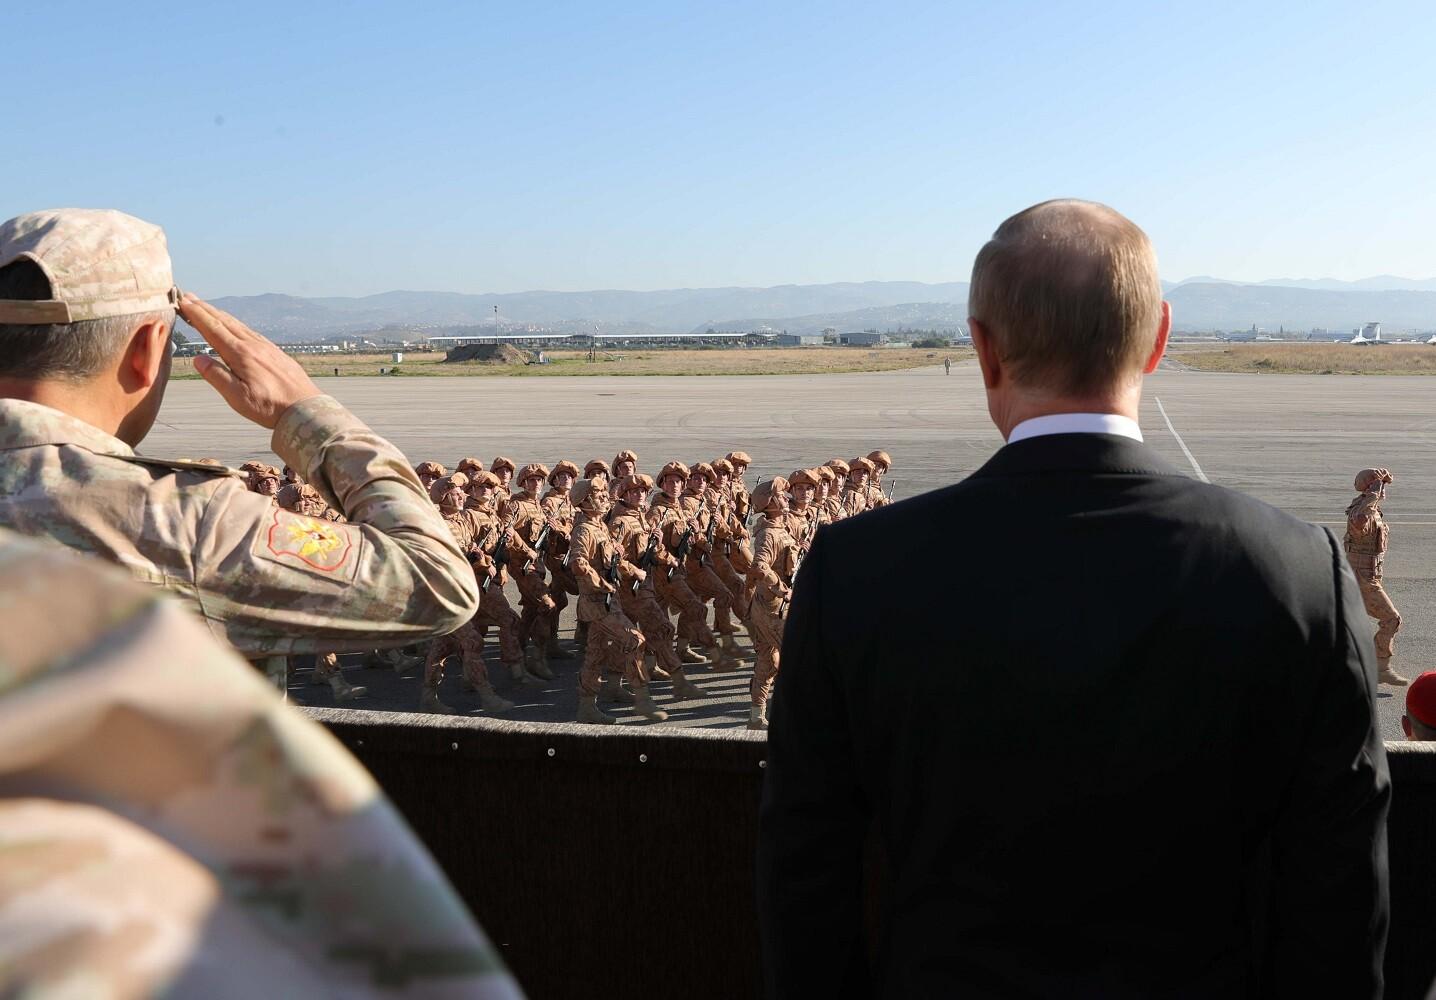 صحيفة ألمانية: بوتين يحقق في سوريا انتصارات بدون حرب